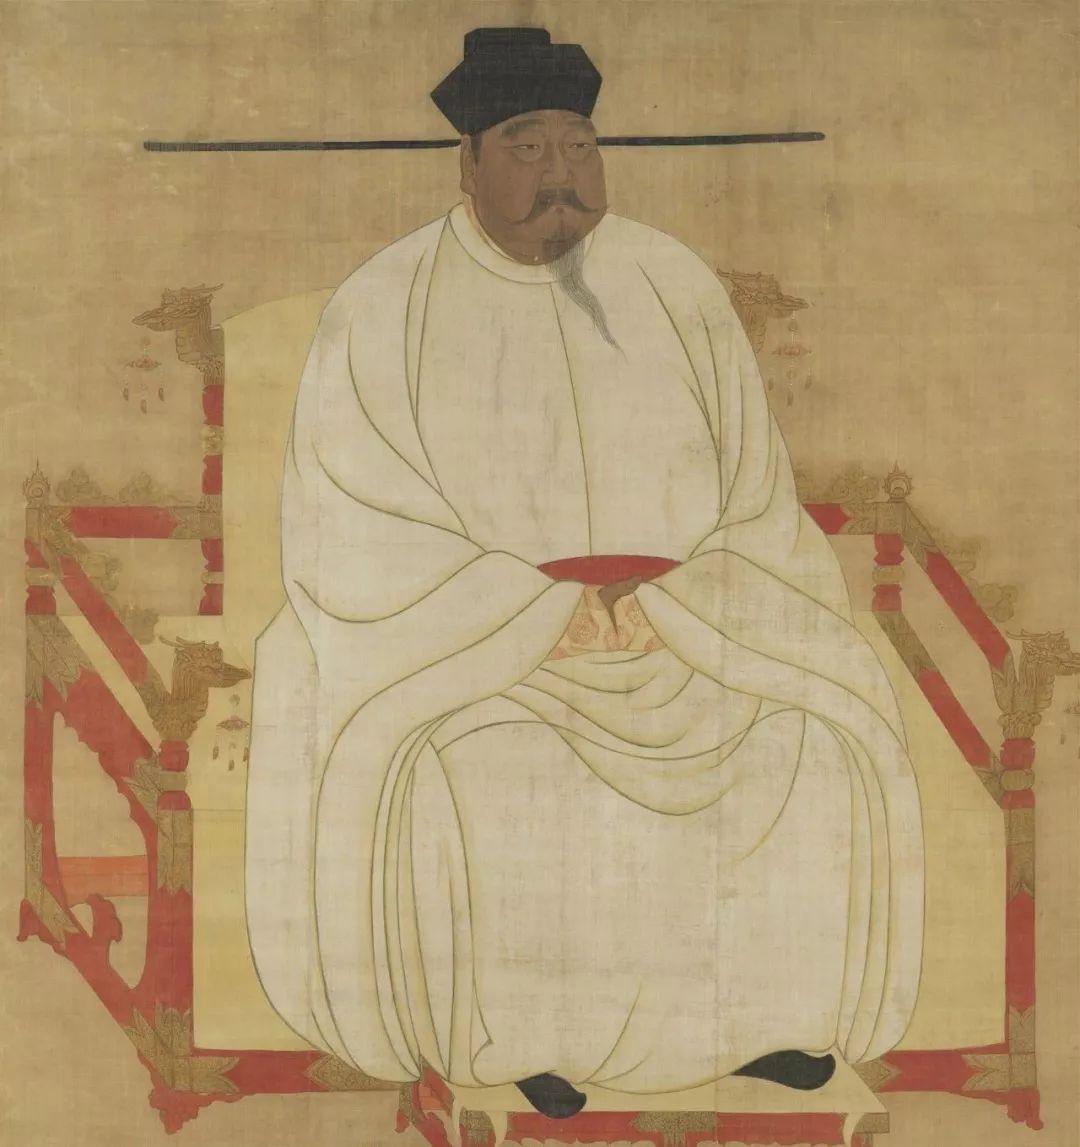 【历史】故宫藏宋朝和元朝的历代皇帝像,看看谁最有帝王之像